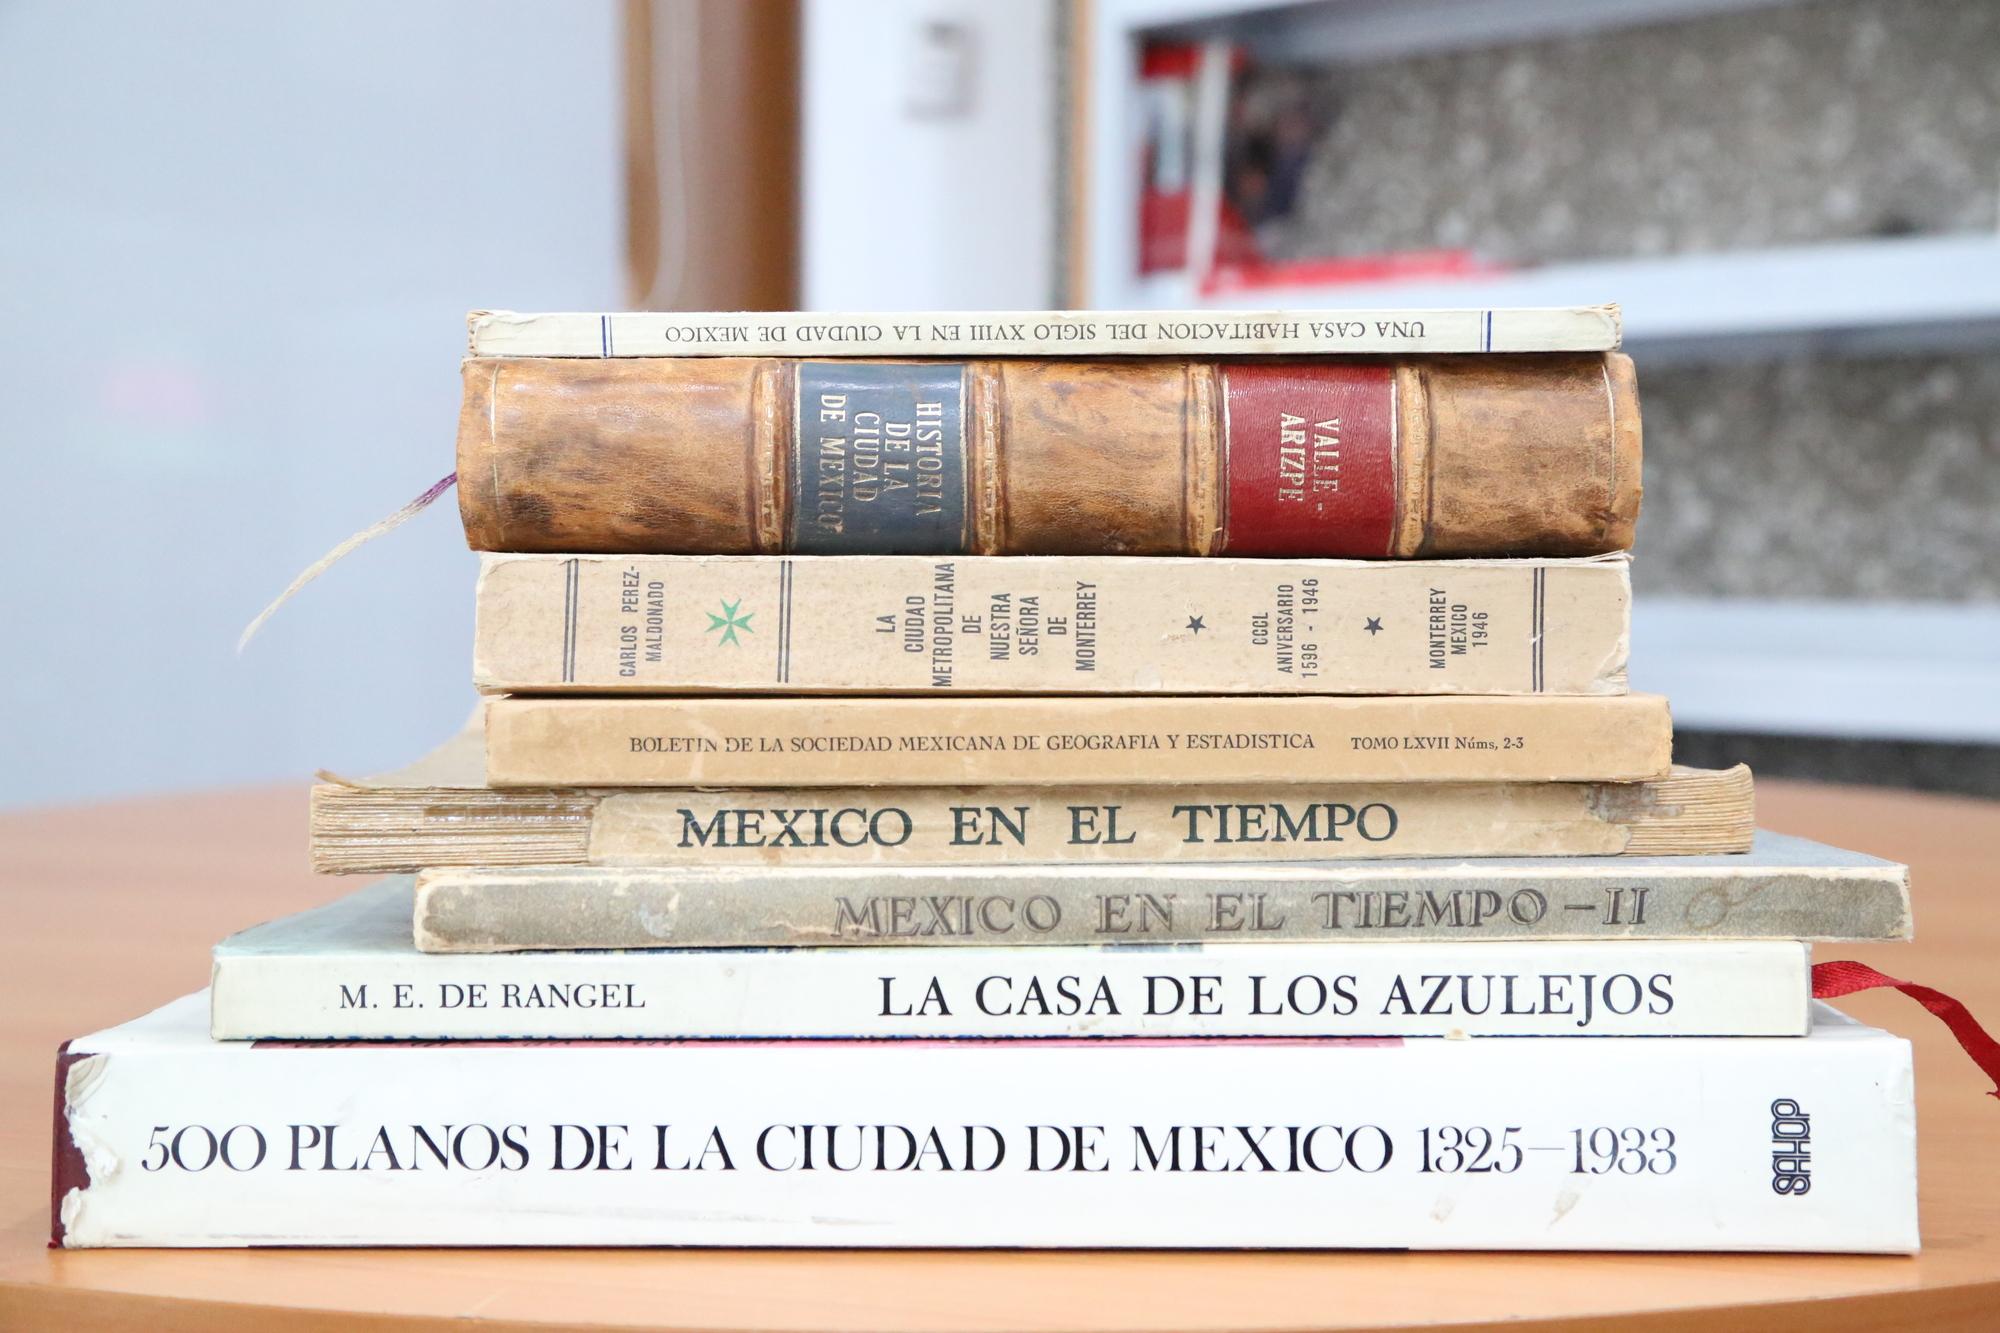 Centro De Investigaci N Para El Desarrollo Sostenible Archdaily  # Muebles Rangel Guanajuato